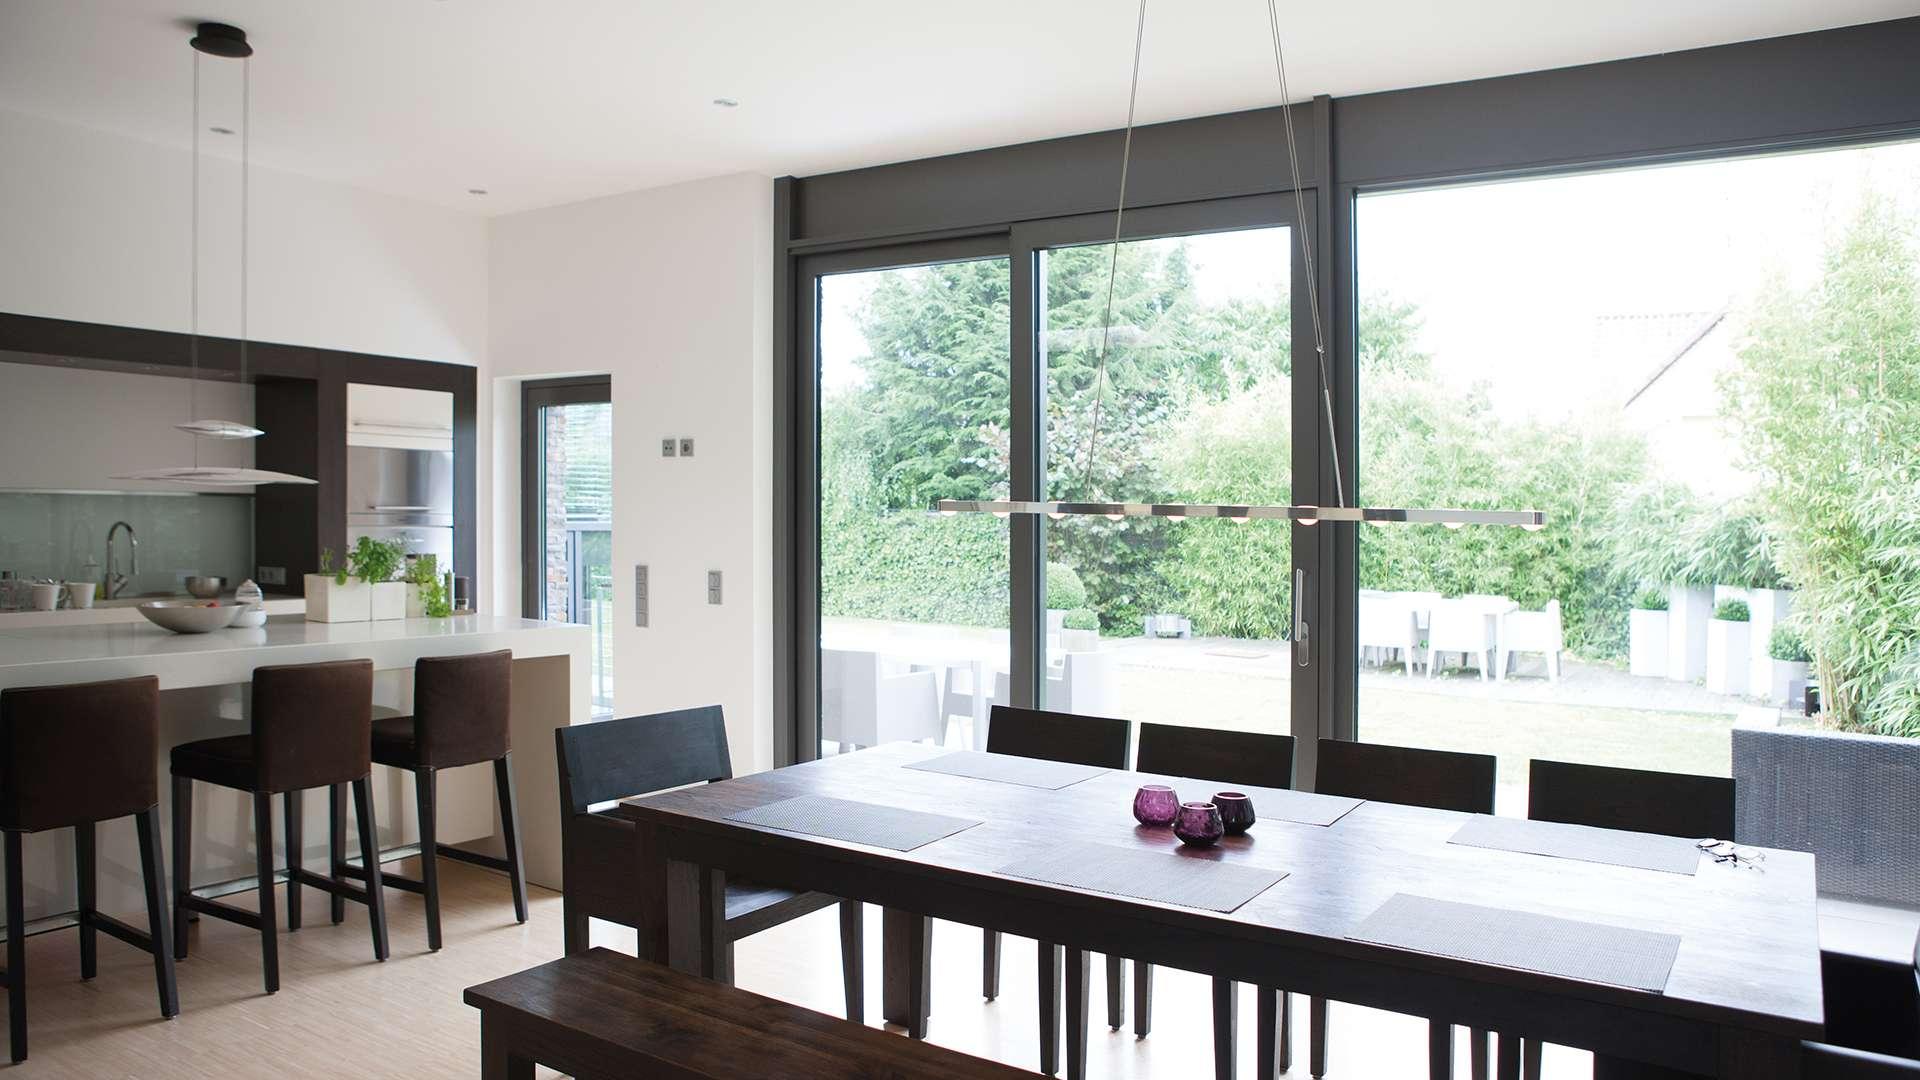 Innenansicht einer Küche mit bodentiefen Gayko-Fenstern